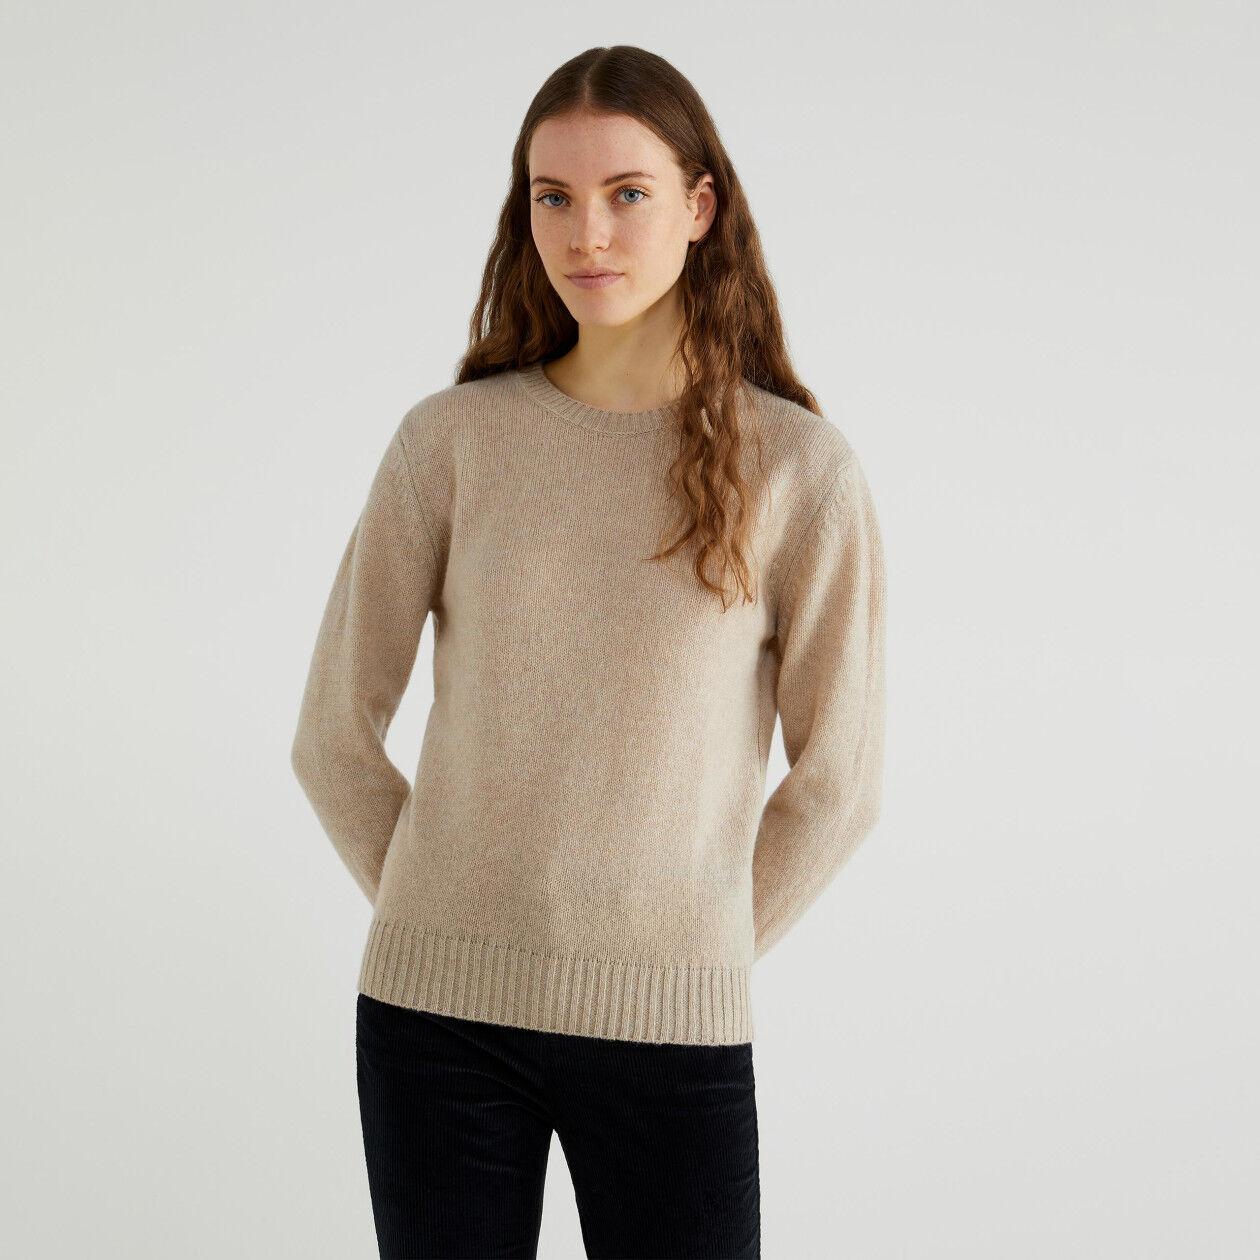 Μπλούζα από μαλλί Shetland